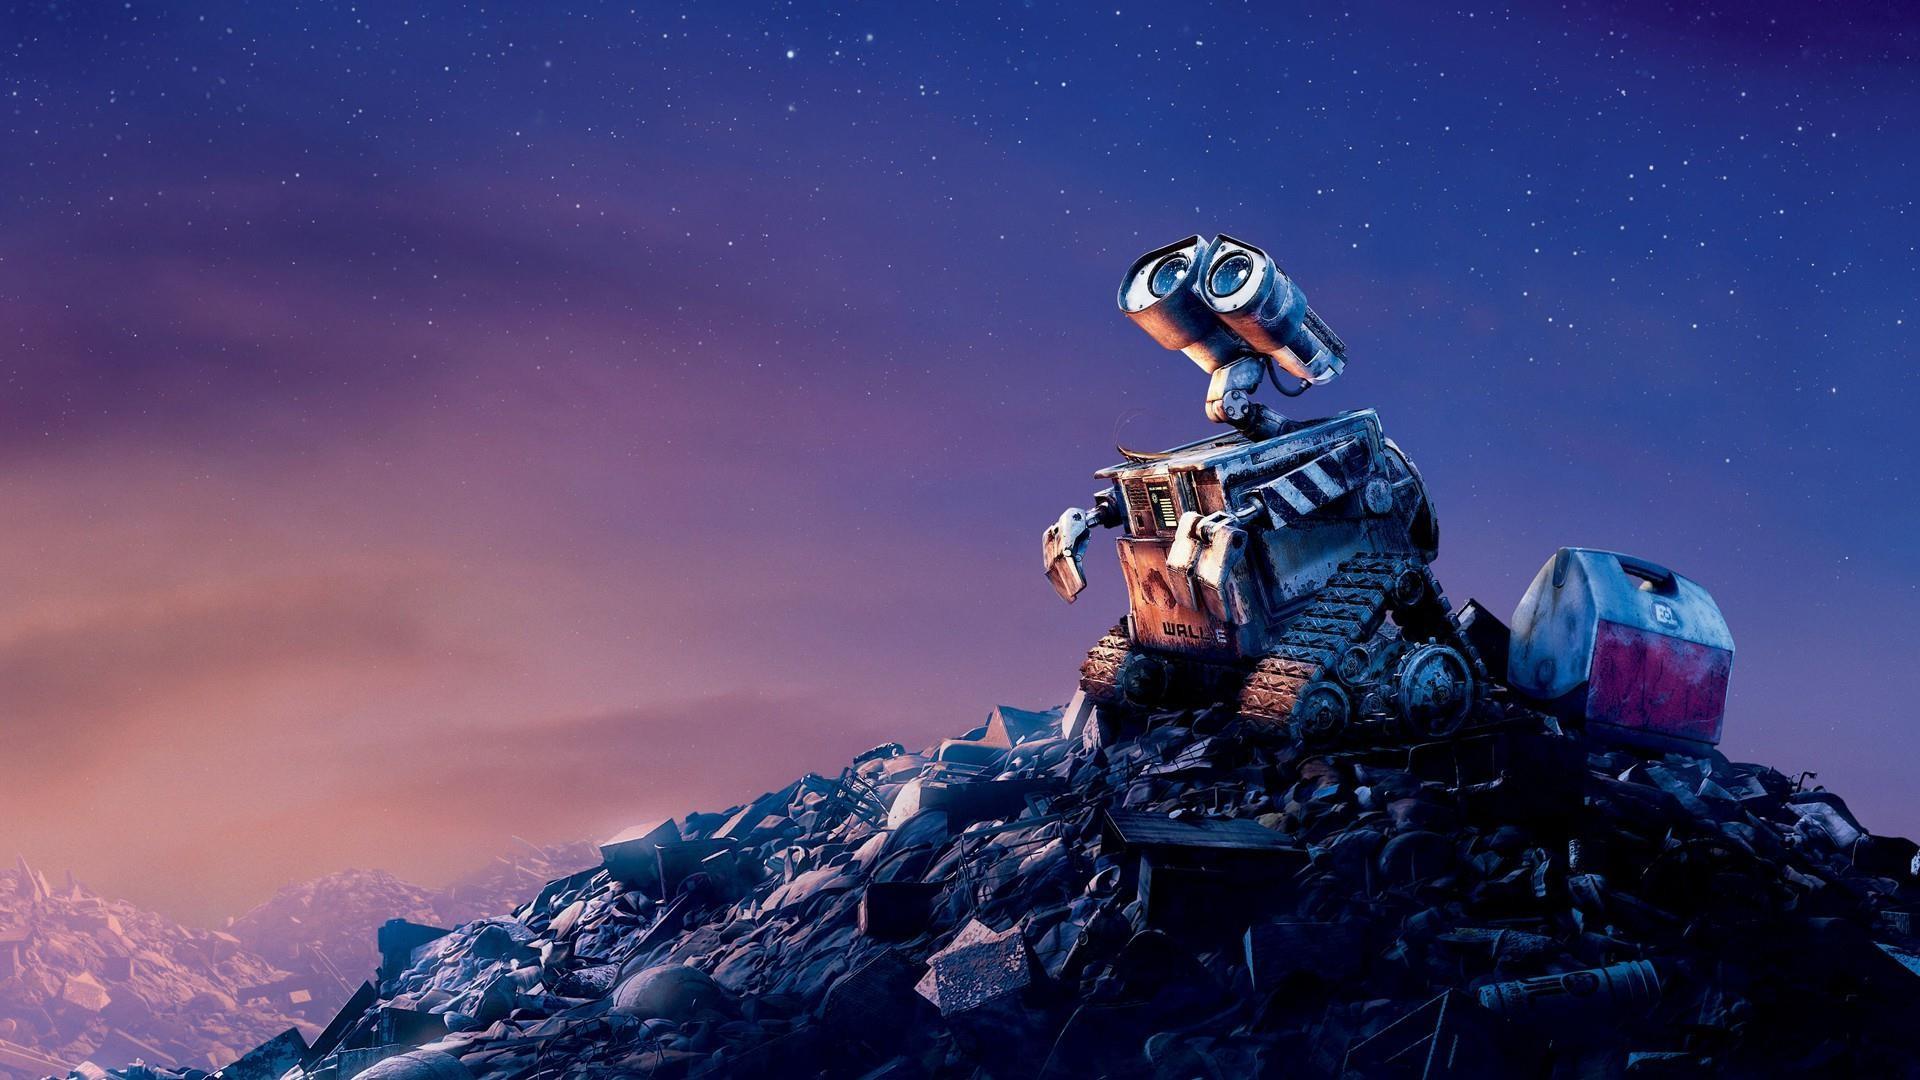 デスクトップ壁紙 夜 ピクサーアニメーションスタジオ ディズニーピクサー サミット スクリーンショット コンピュータの壁紙 地球の雰囲気 宇宙空間 地質学的現象 山脈 エクストリームスポーツ 登山 19x1080 Tomas692 デスクトップ壁紙